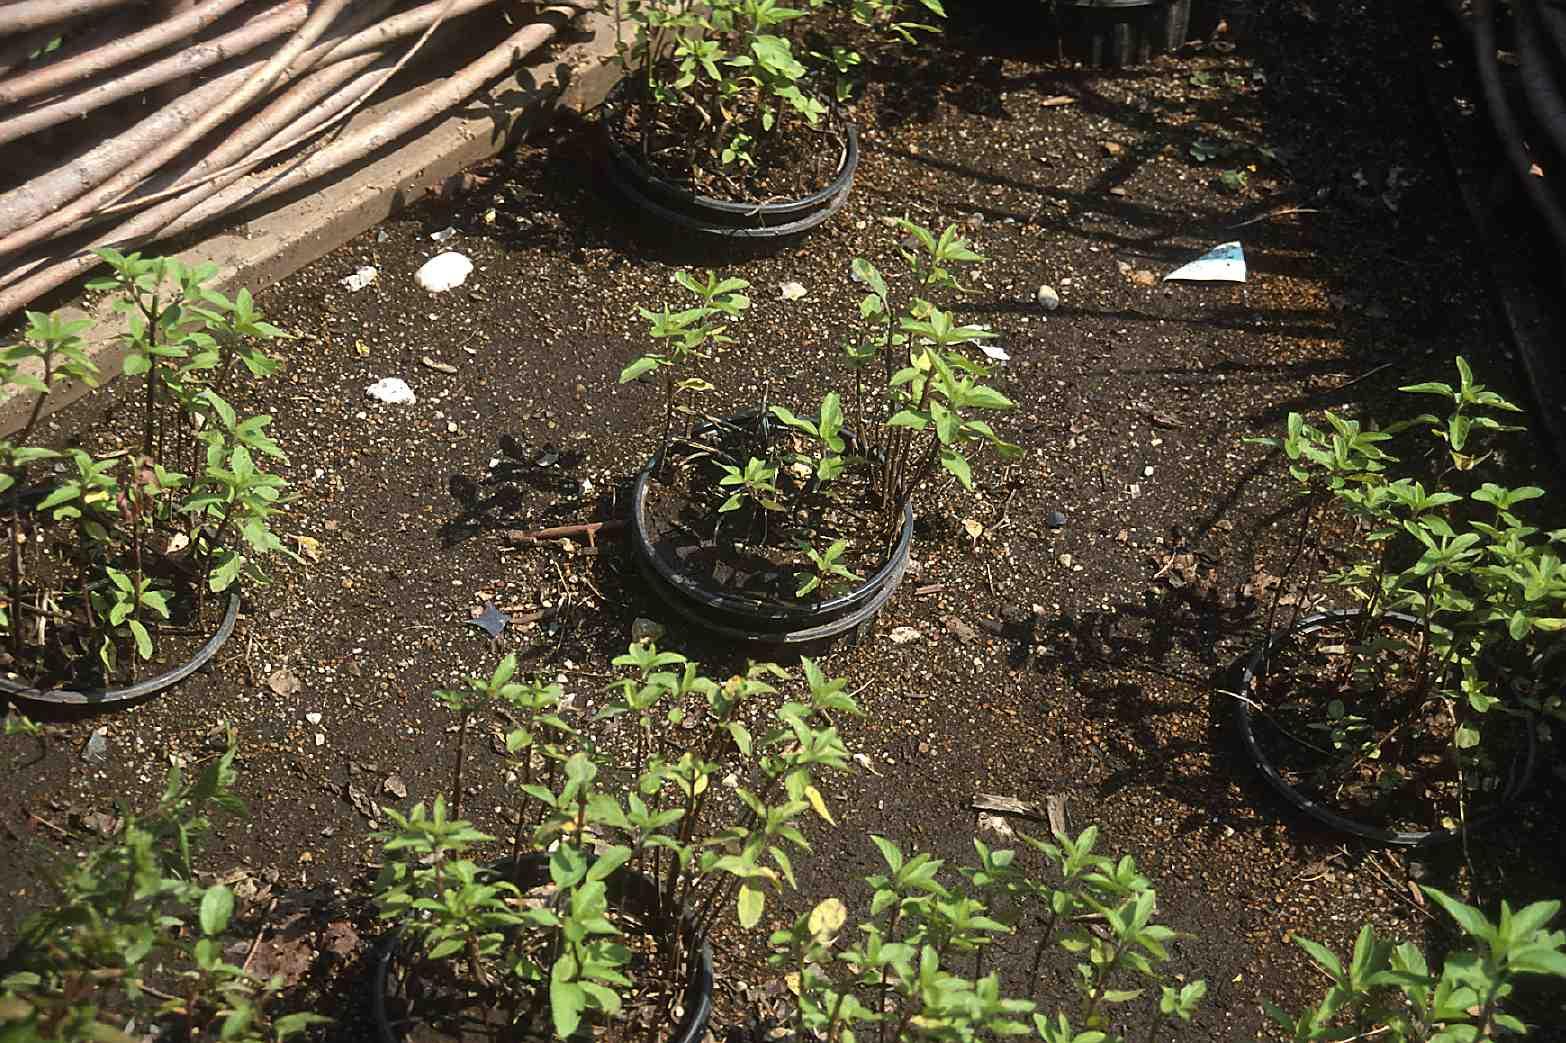 Comment Se Débarrasser Des Bambous Dans Le Jardin se débarrasser à jamais d'une plante envahissante